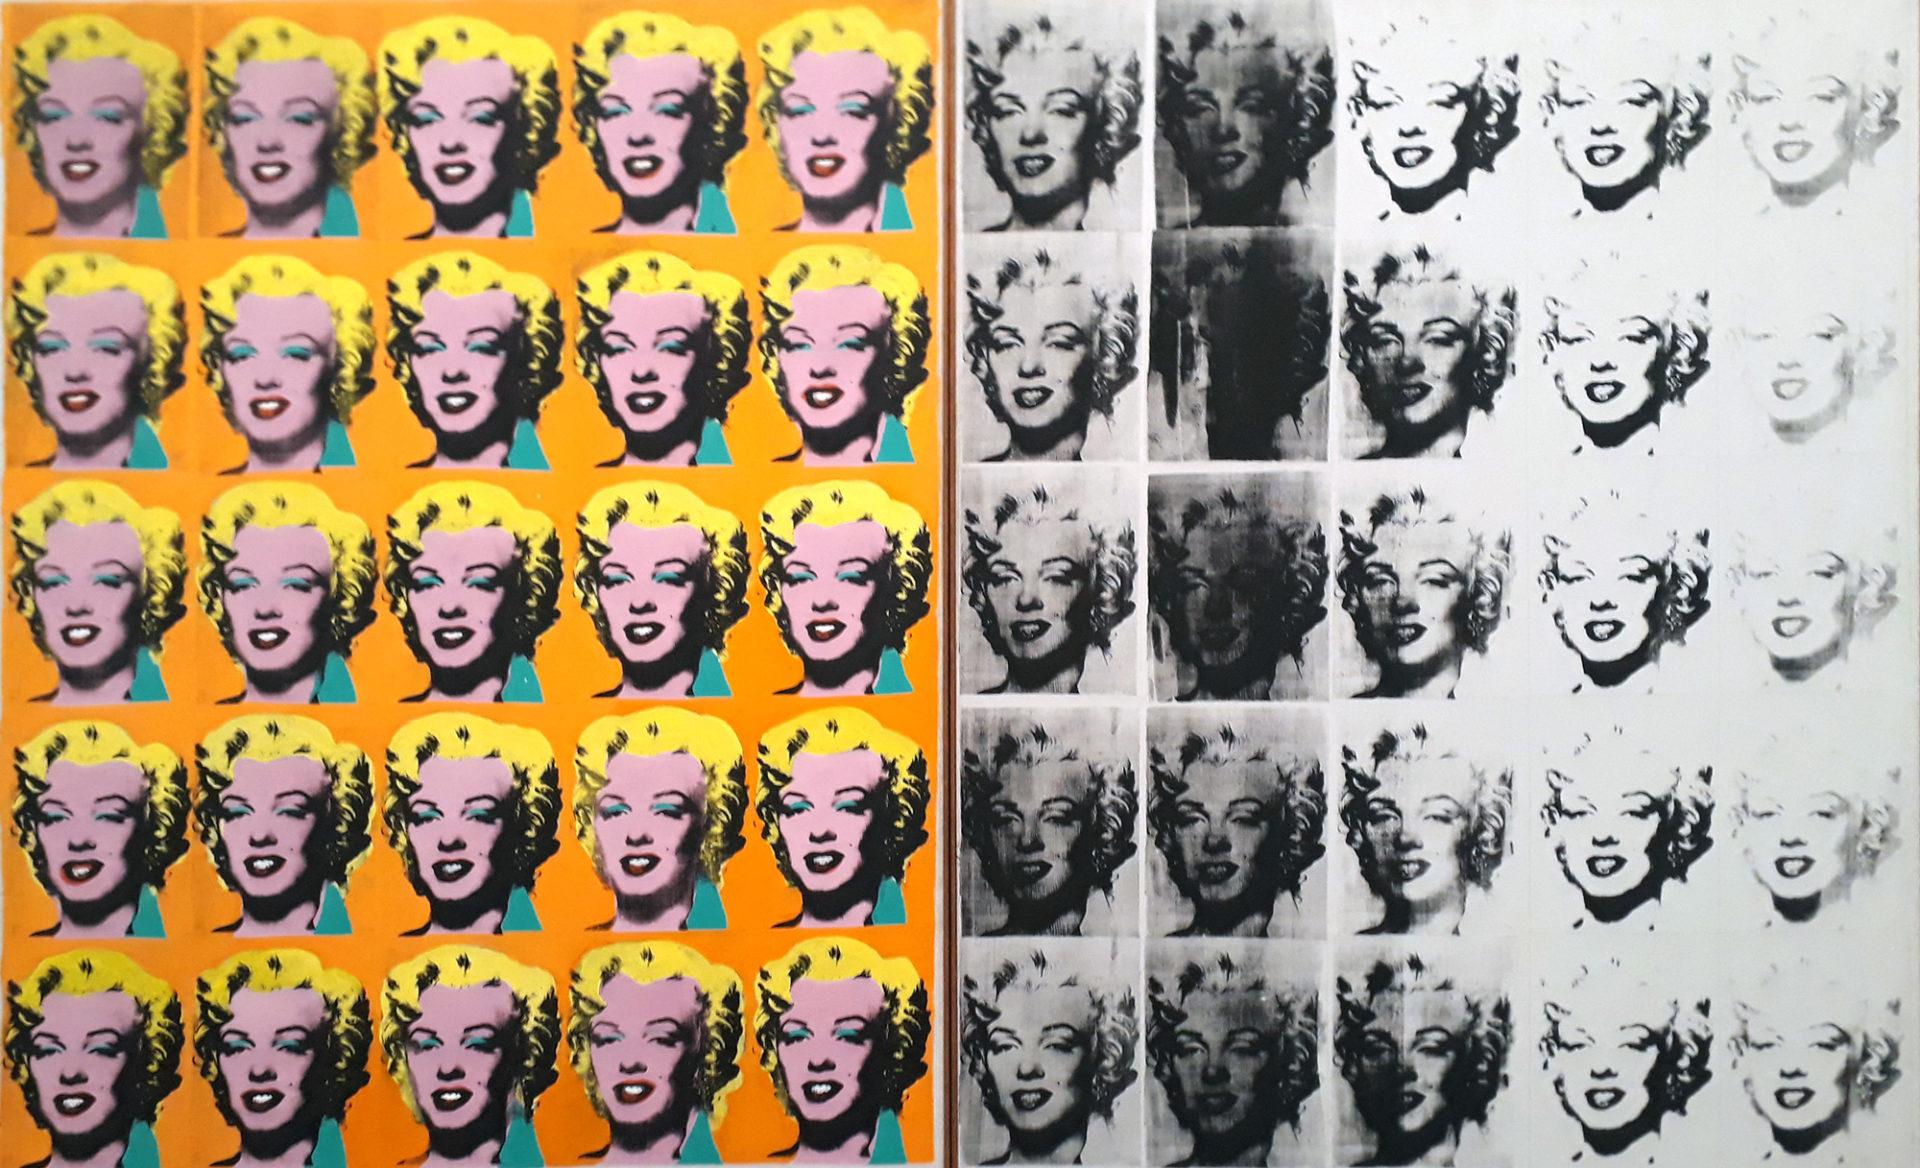 Marilyn Diptych-Andy Warhol 1962